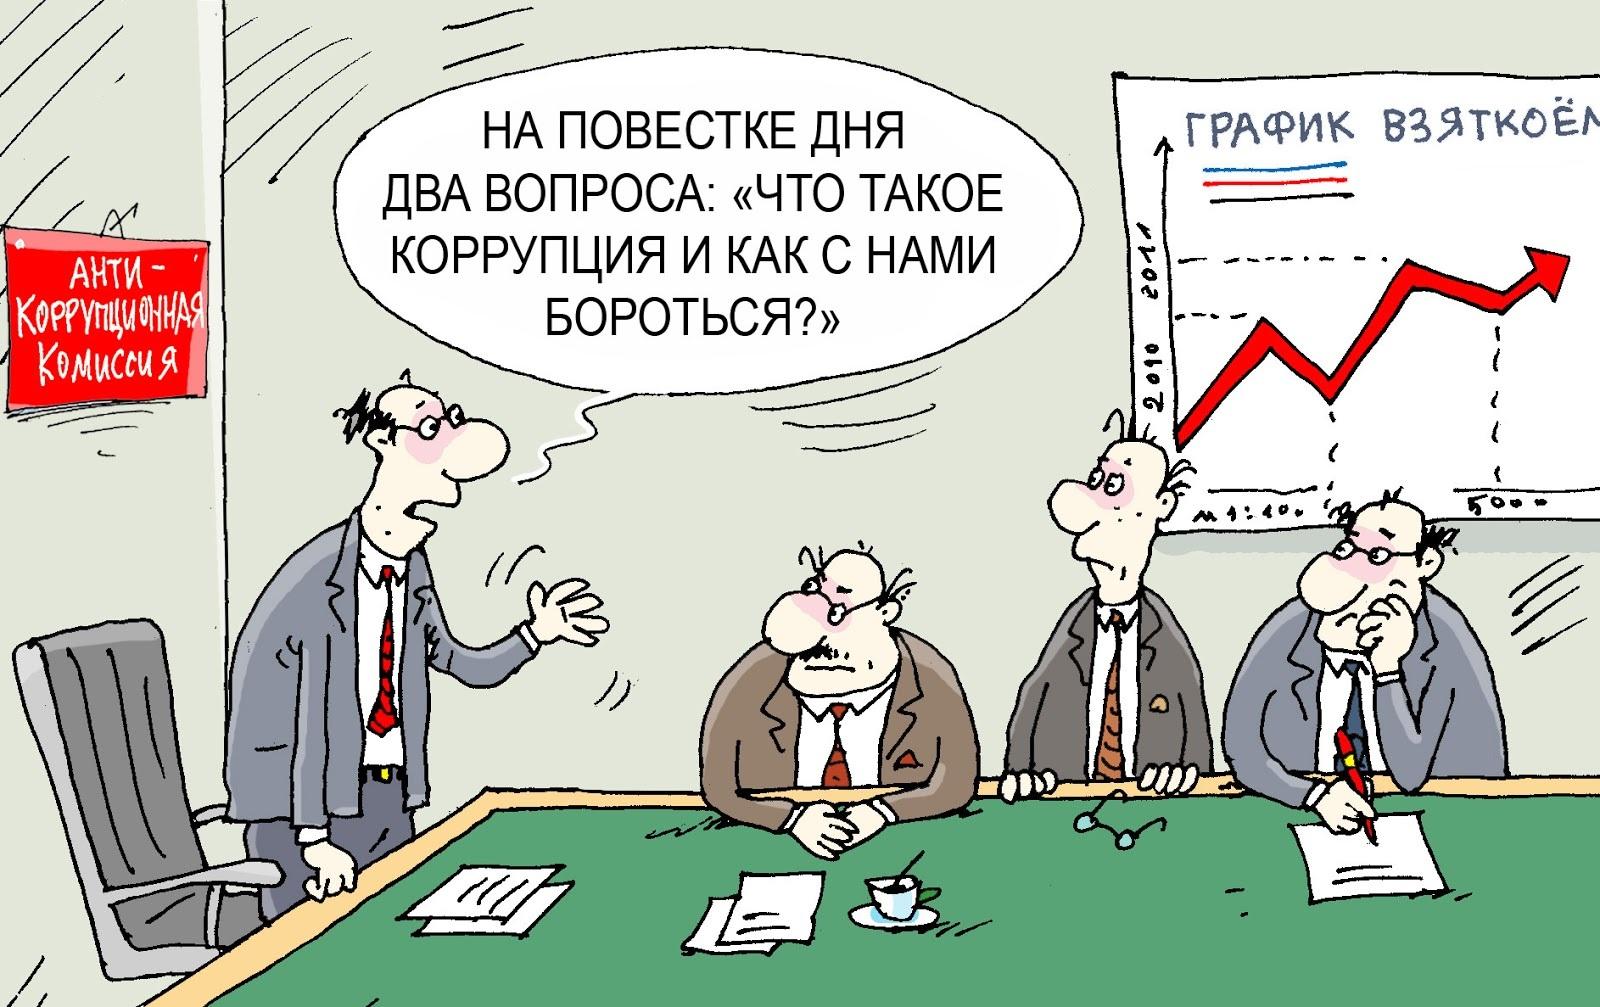 Вологодская область вошла в десятку самых коррупционных регионов